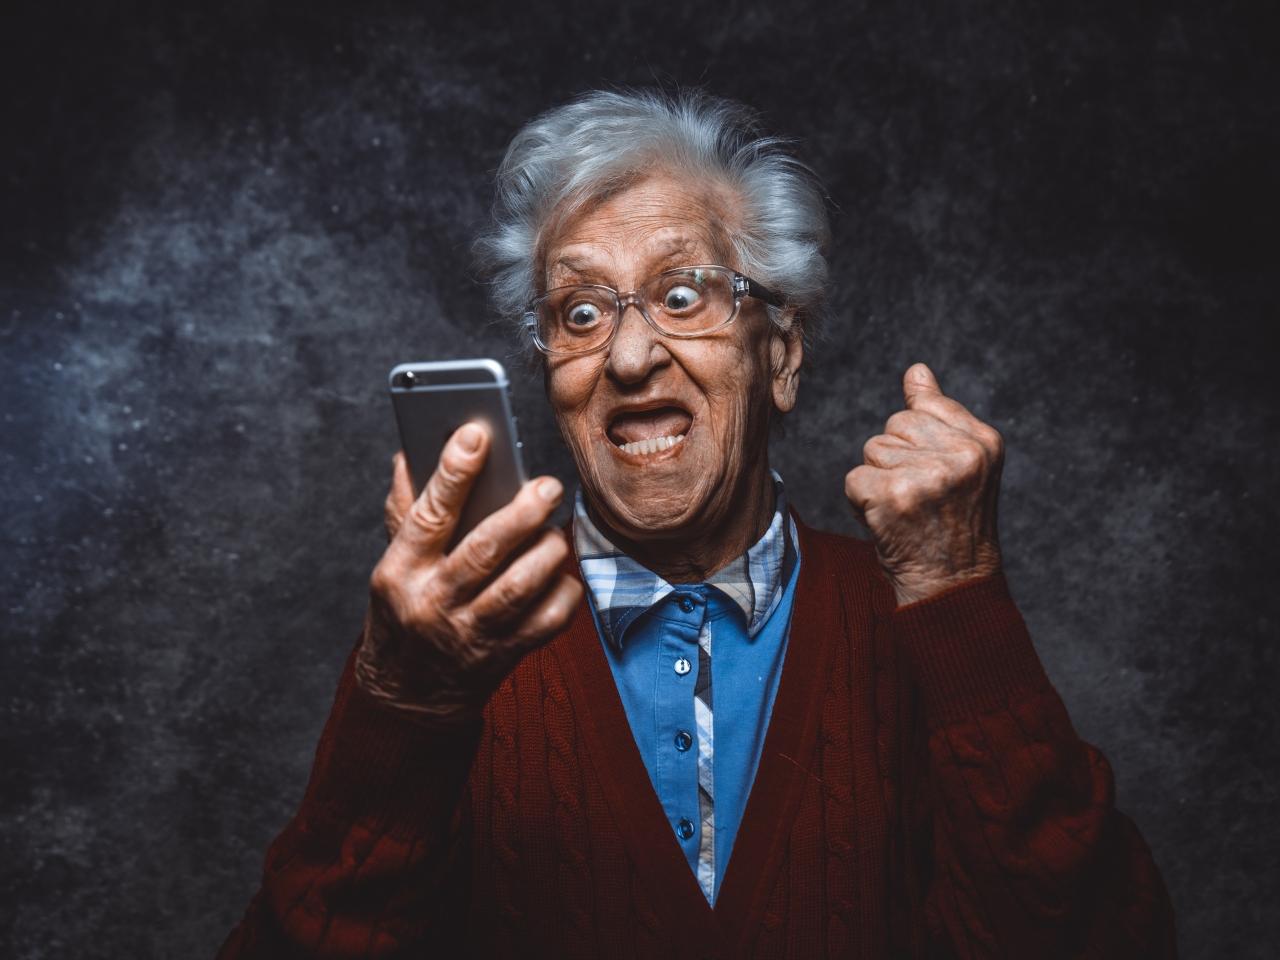 Man sieht einen älteren Mann, der jubelnd auf sein Smartphone schaut